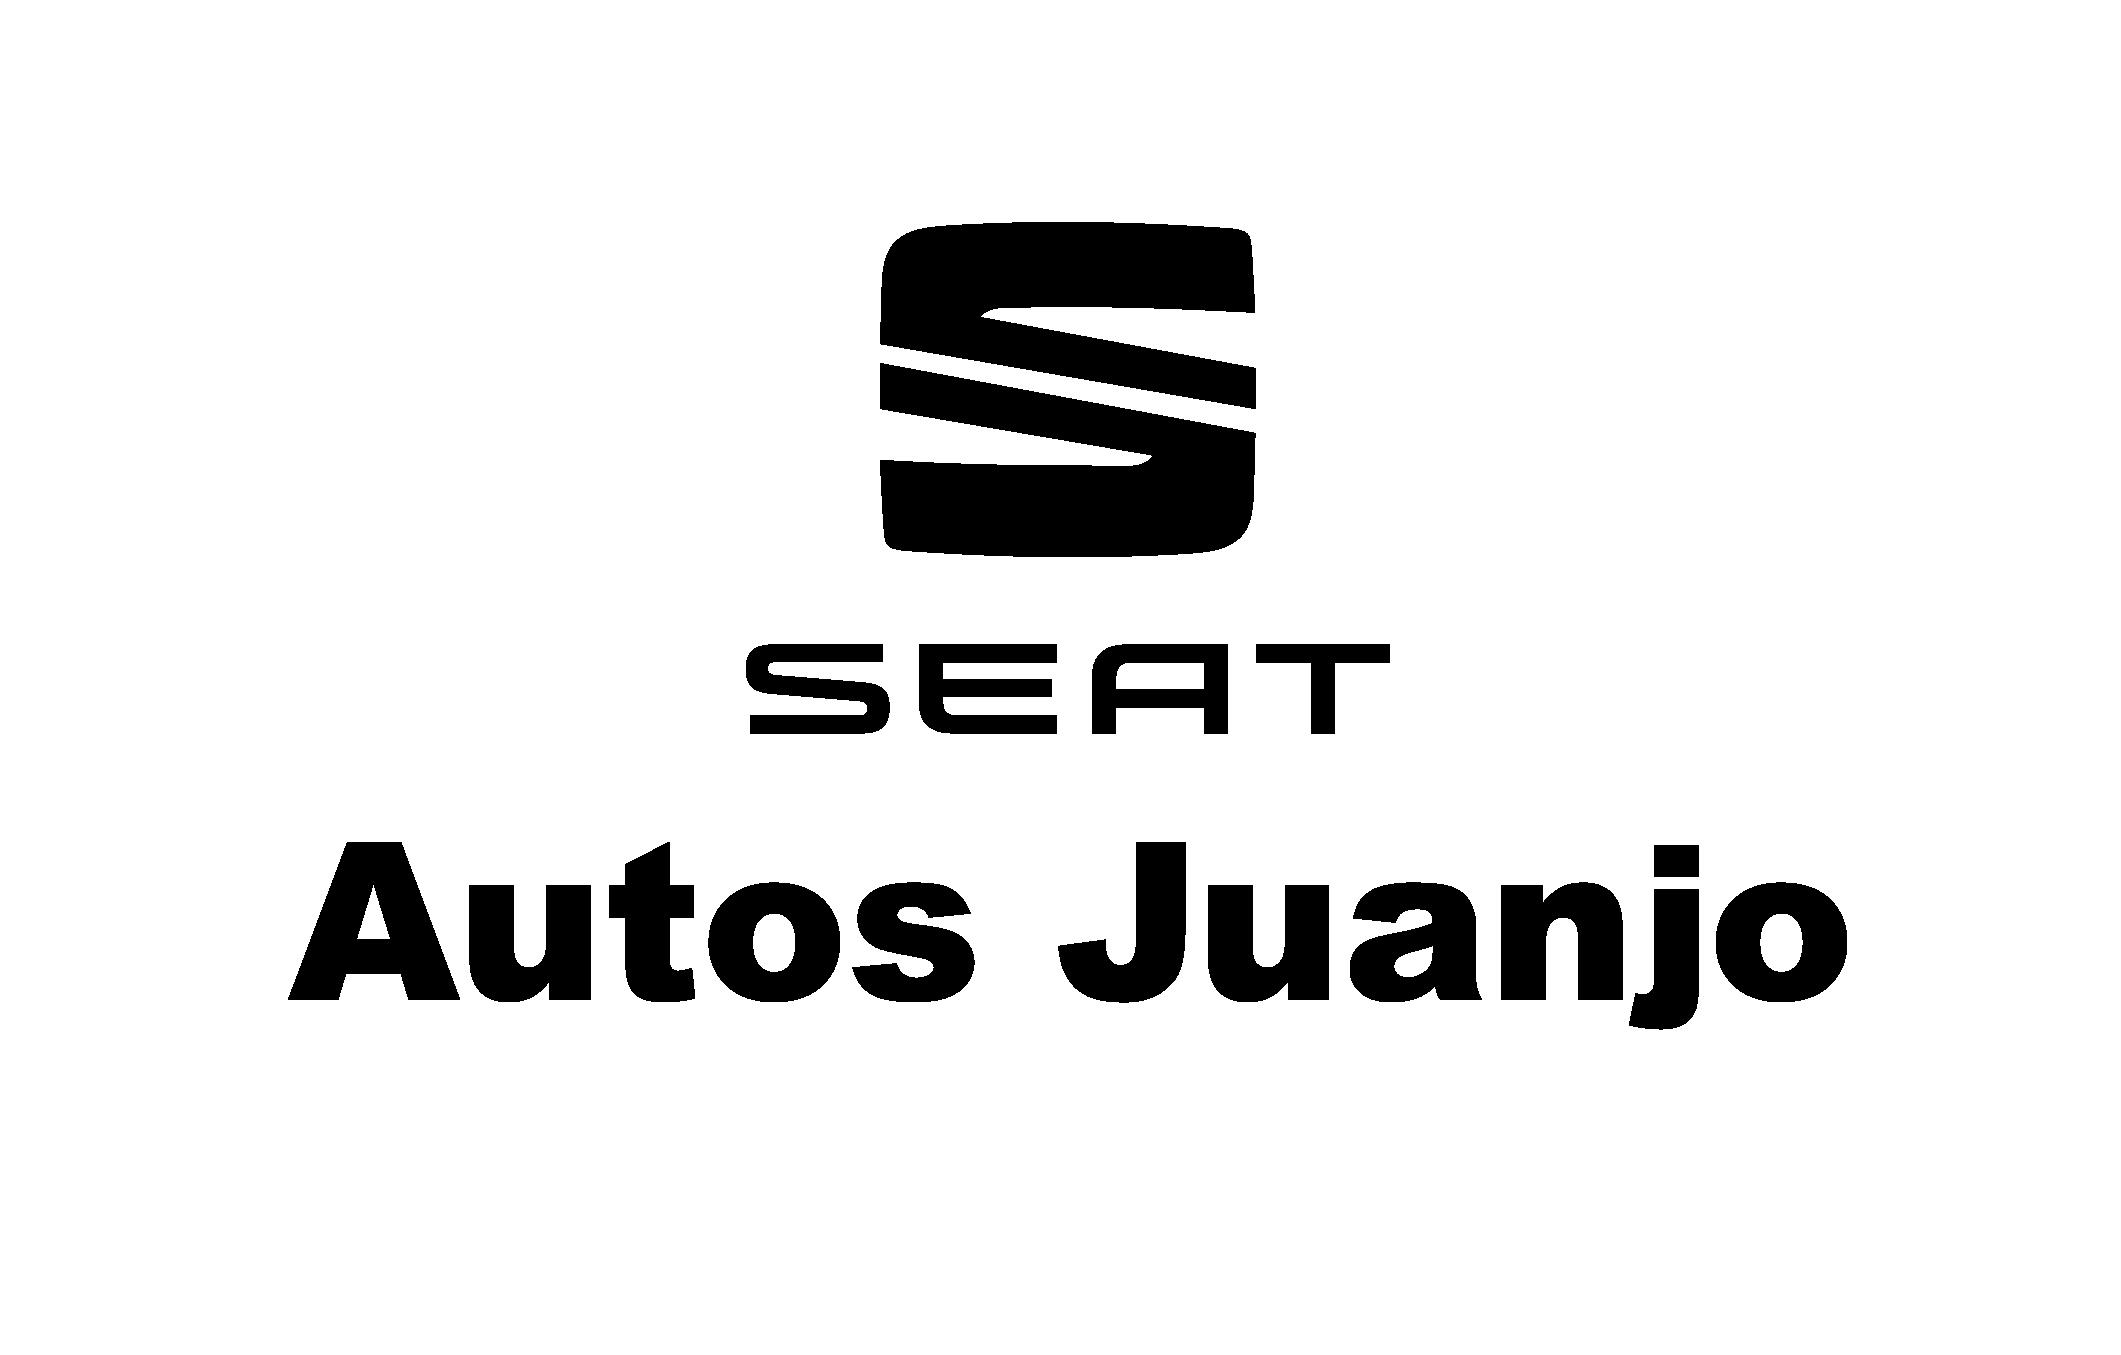 Autos juanjo_1_Camiseta atras_ok